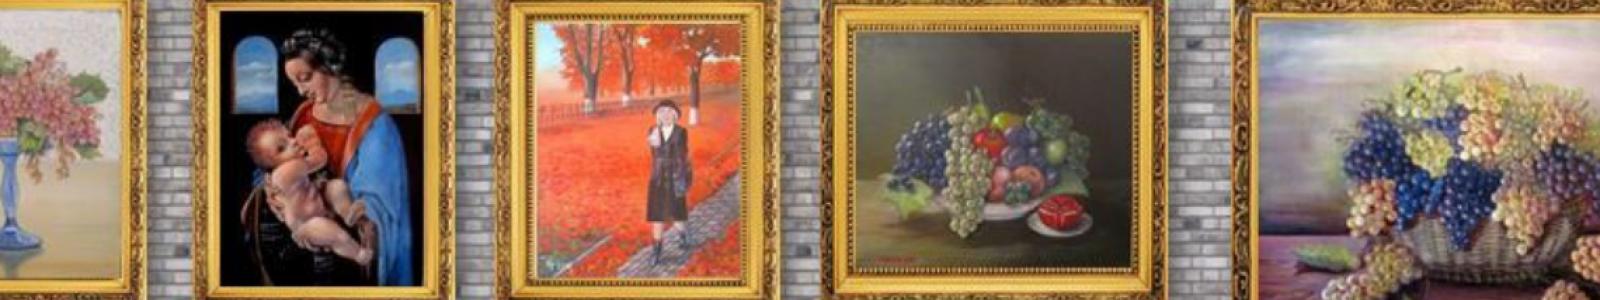 Galerie Bildmaler Tamara Yakubovskaja